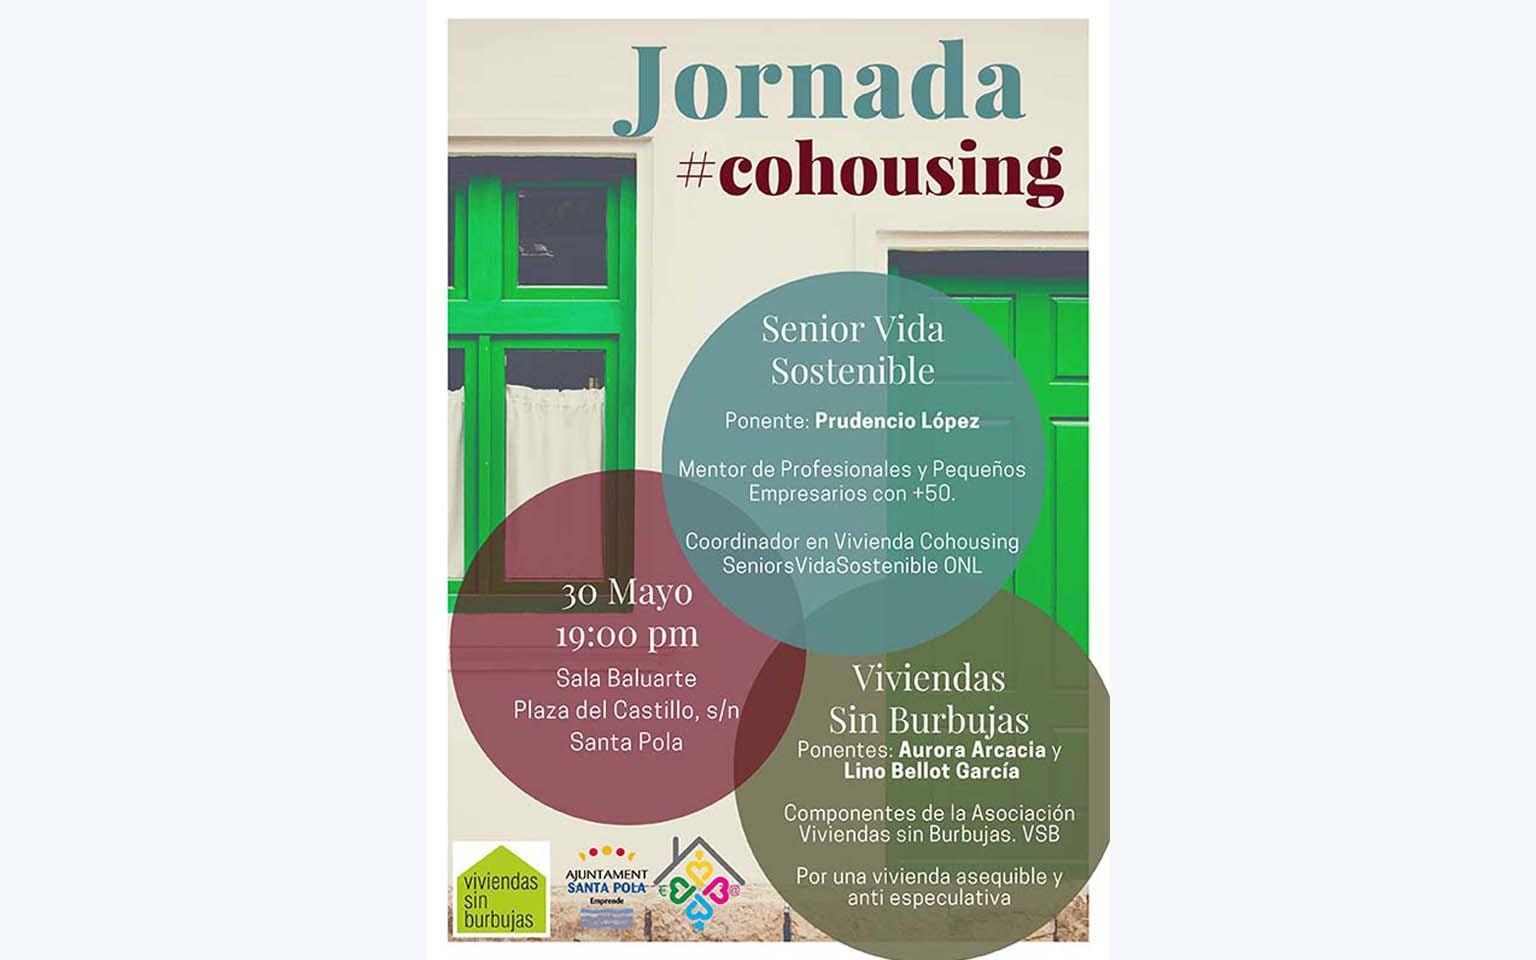 """El ayuntamiento de Santa Pola, a través del Servicio Emprende Santa Pola, organiza  """"Jornada Cohousing"""" en Santa Pola."""